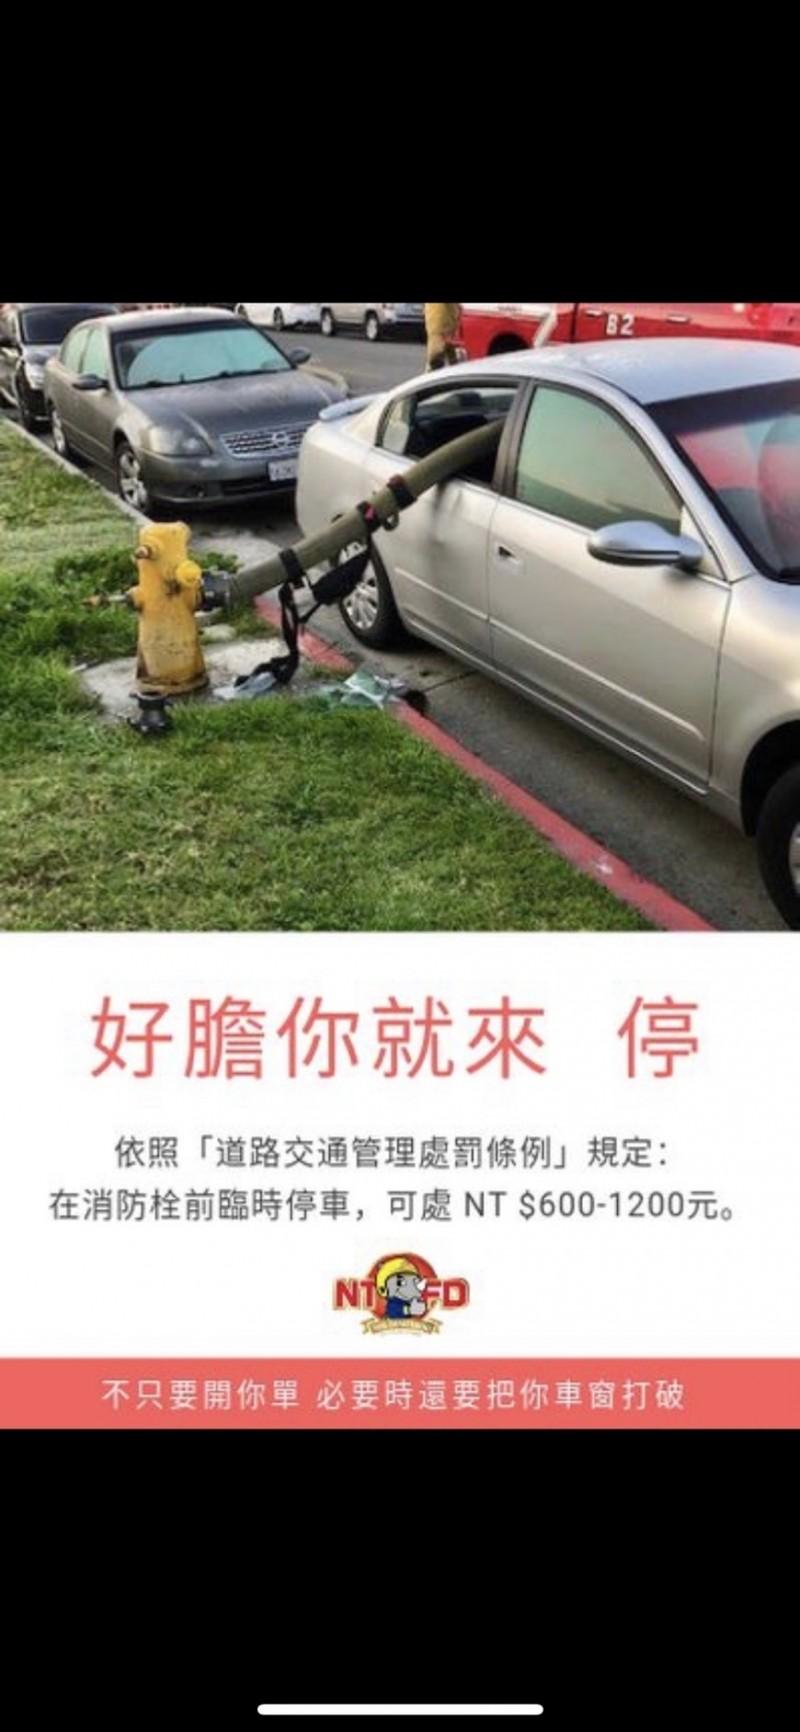 近來加州Anaheim消防局在官方Twitter張貼一張消防水帶穿過違停車輛車窗的照片,代表消防員為救災破壞違停消防栓前車輛車窗,霸氣照引起熱烈討論。(記者吳仁捷翻攝)